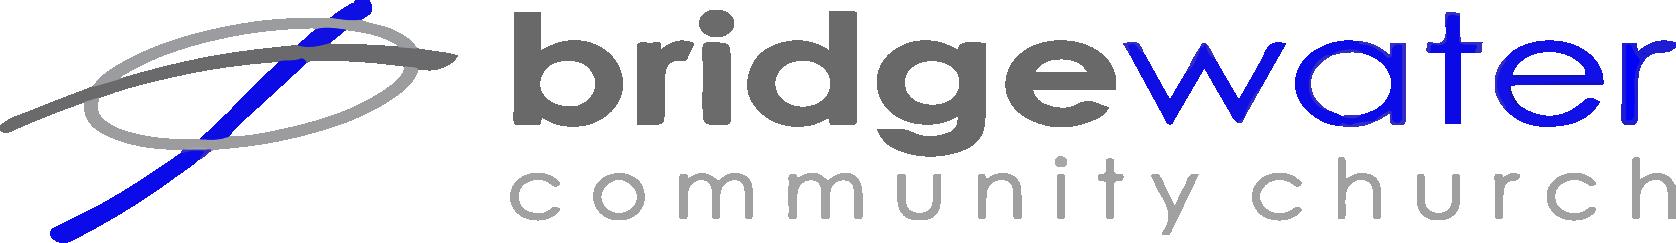 bridgewater community church